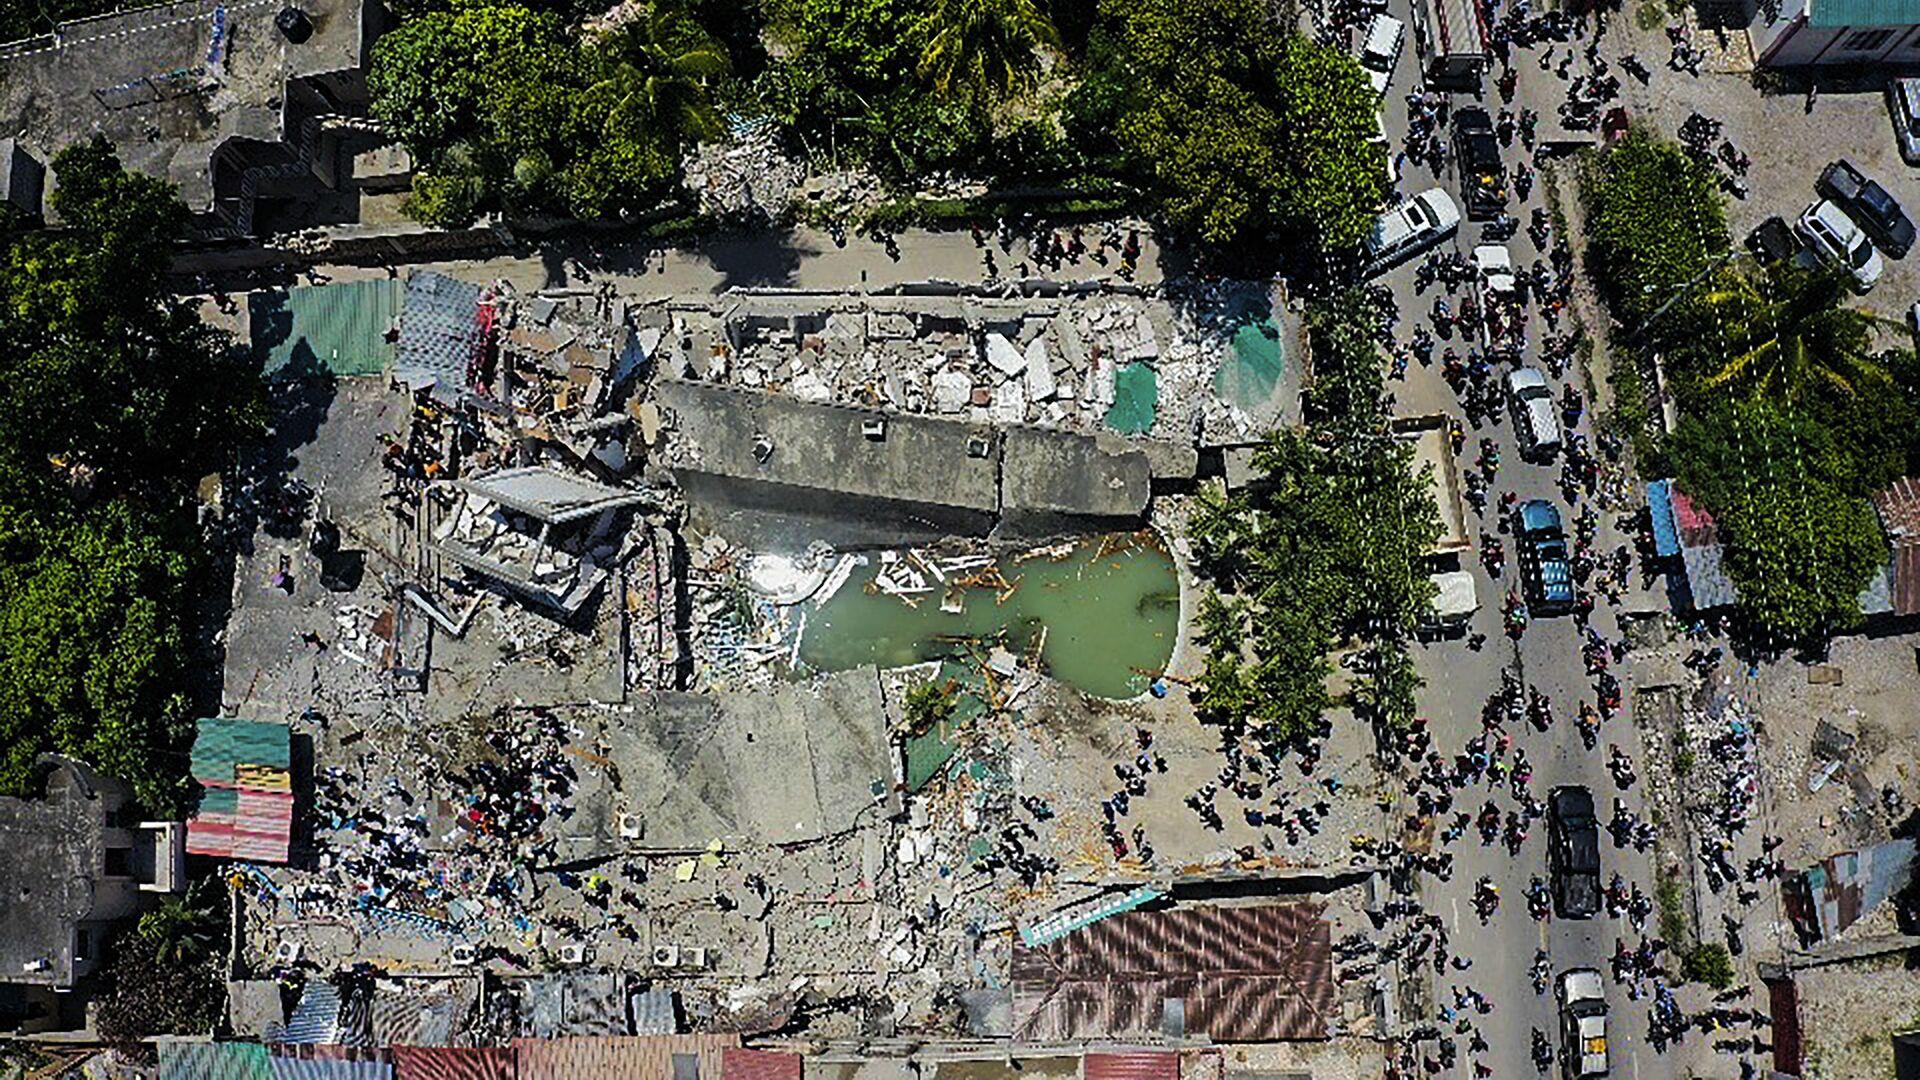 Разрушенный отель после землетрясения на Гаити  - Sputnik Italia, 1920, 15.08.2021